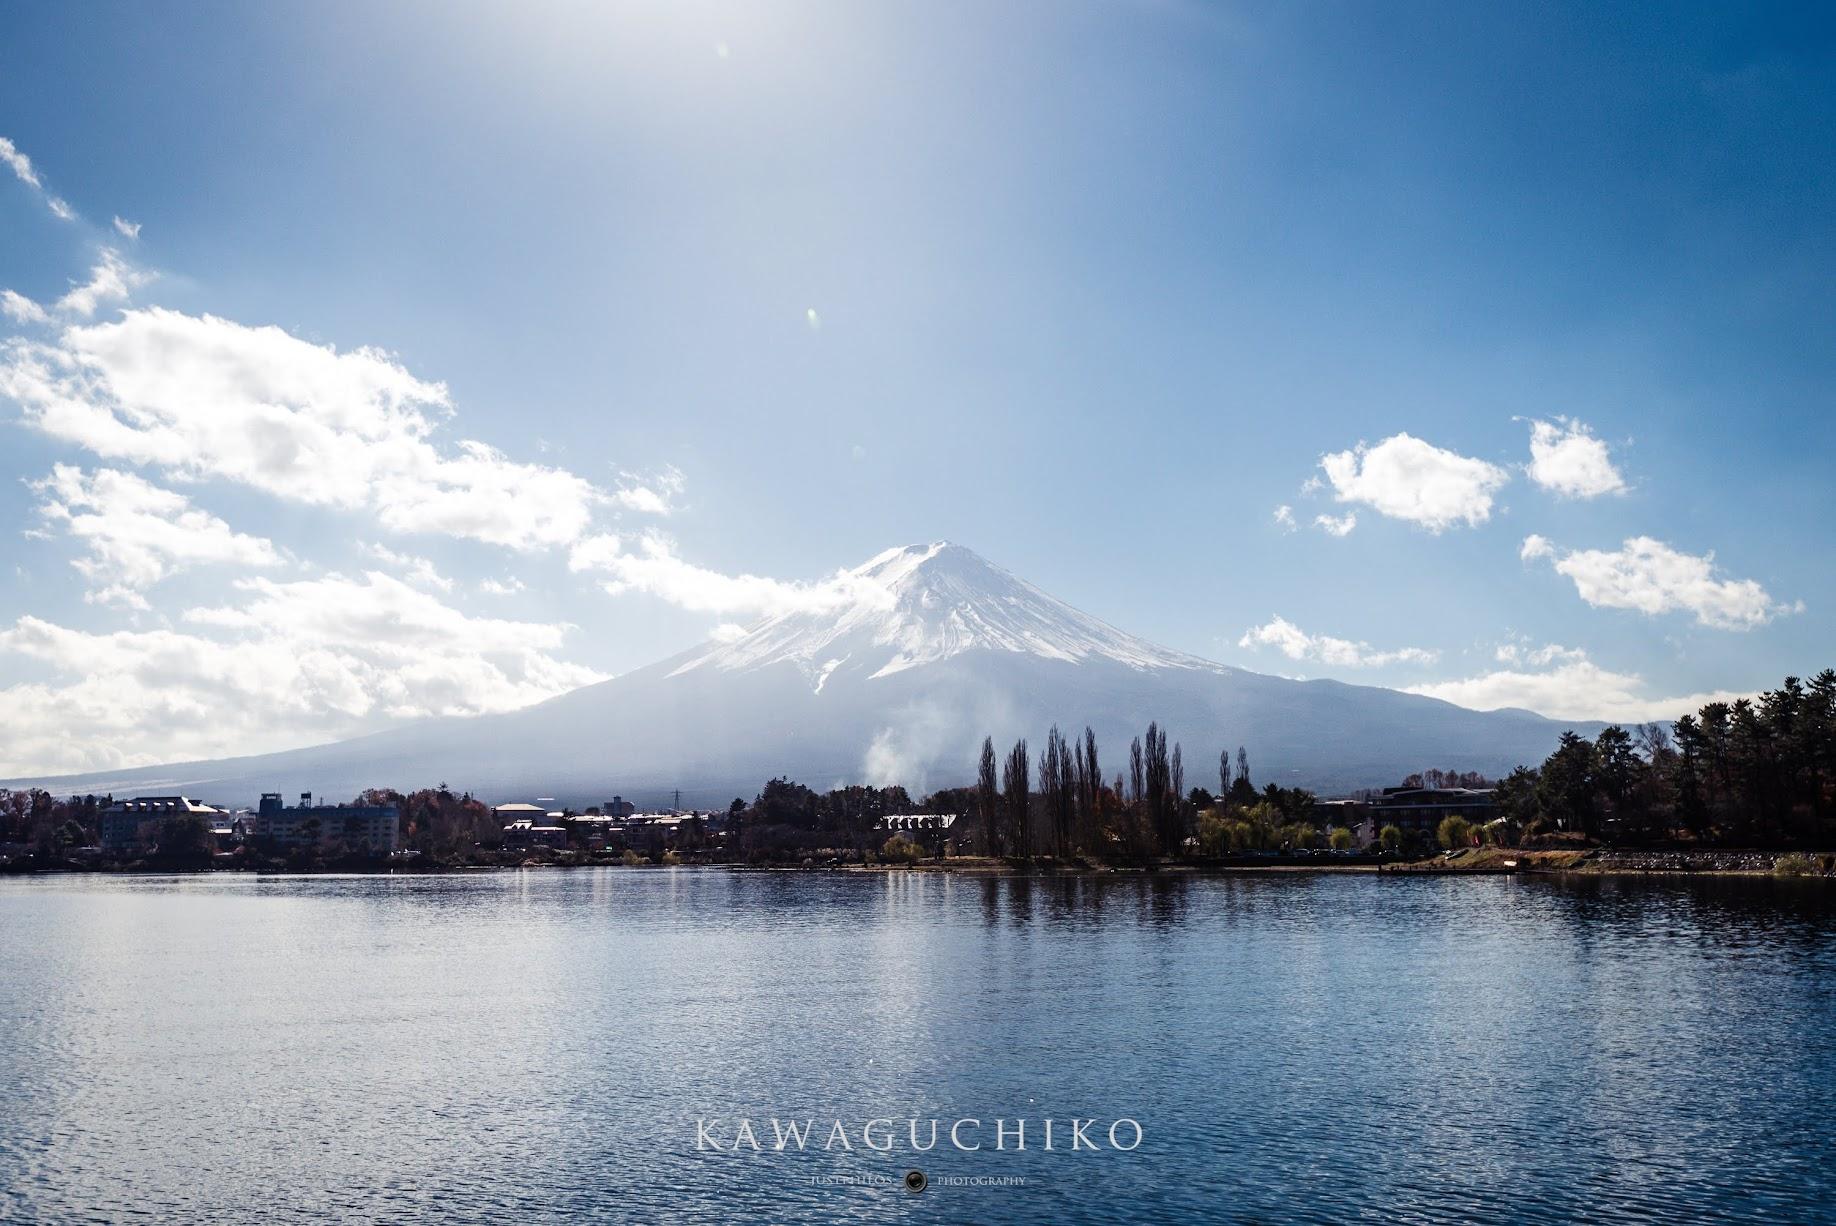 河口湖遊覽船可以從湖面上近距離眺望富士山的美麗。